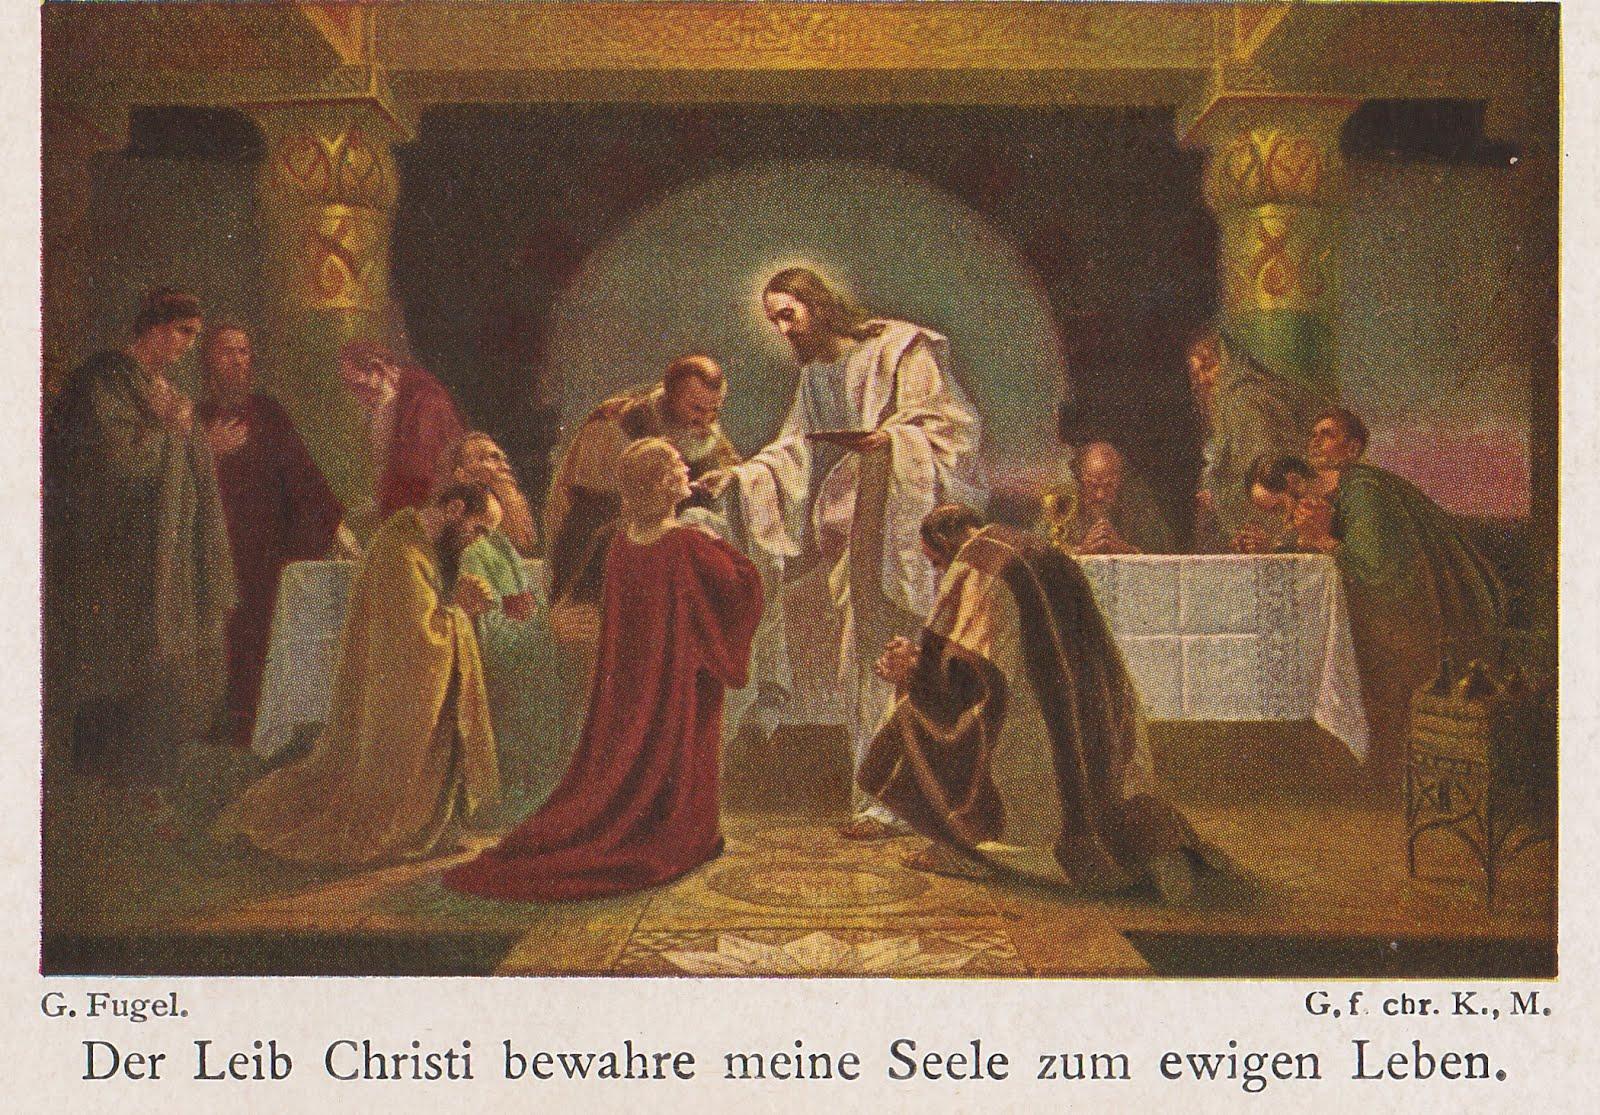 Der Leib Christi bewahre meine Seele zum ewigen Leben